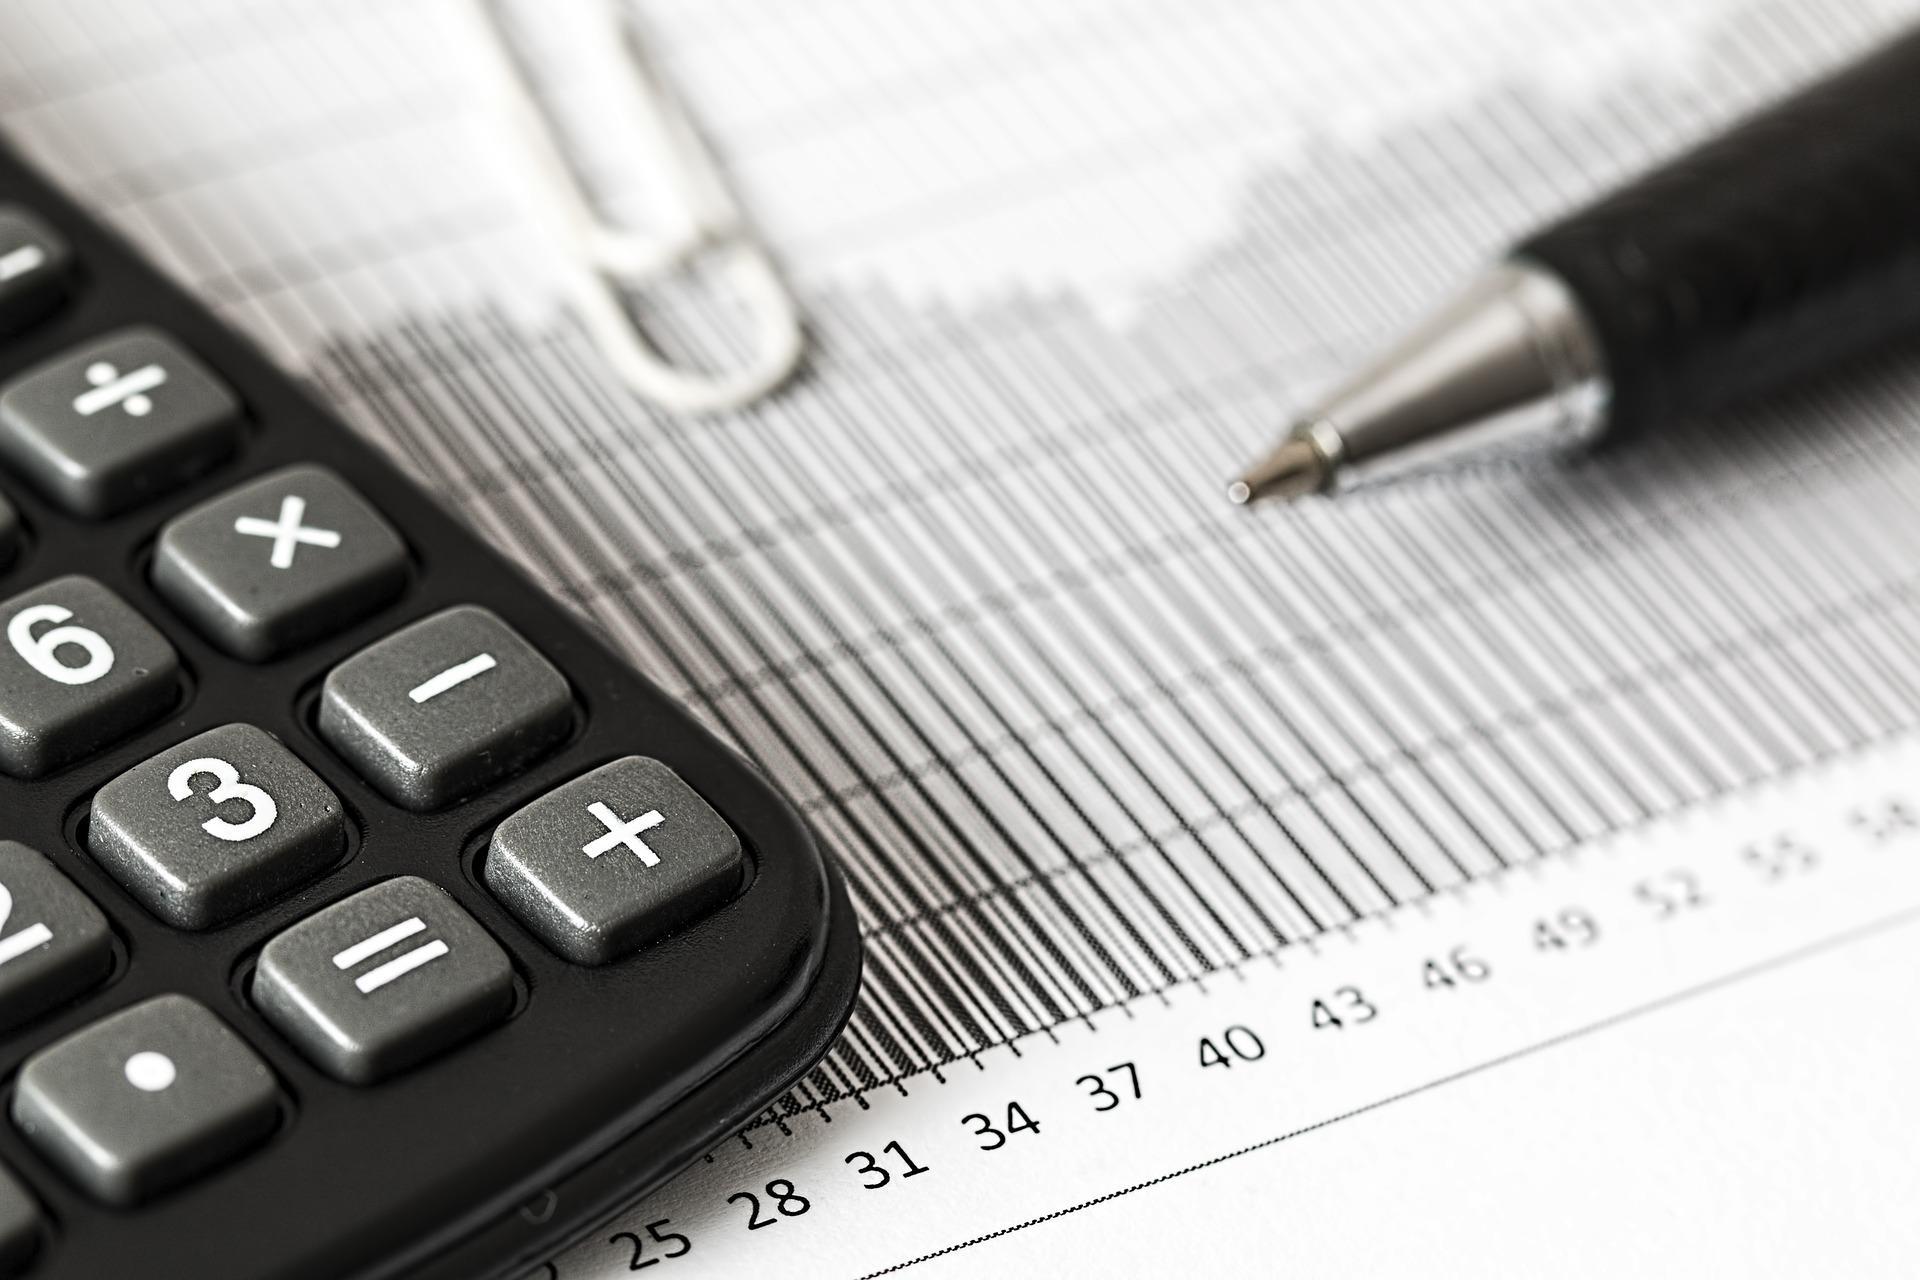 Die Preisänderungsklauseln von Gasversorgungsunternehmen